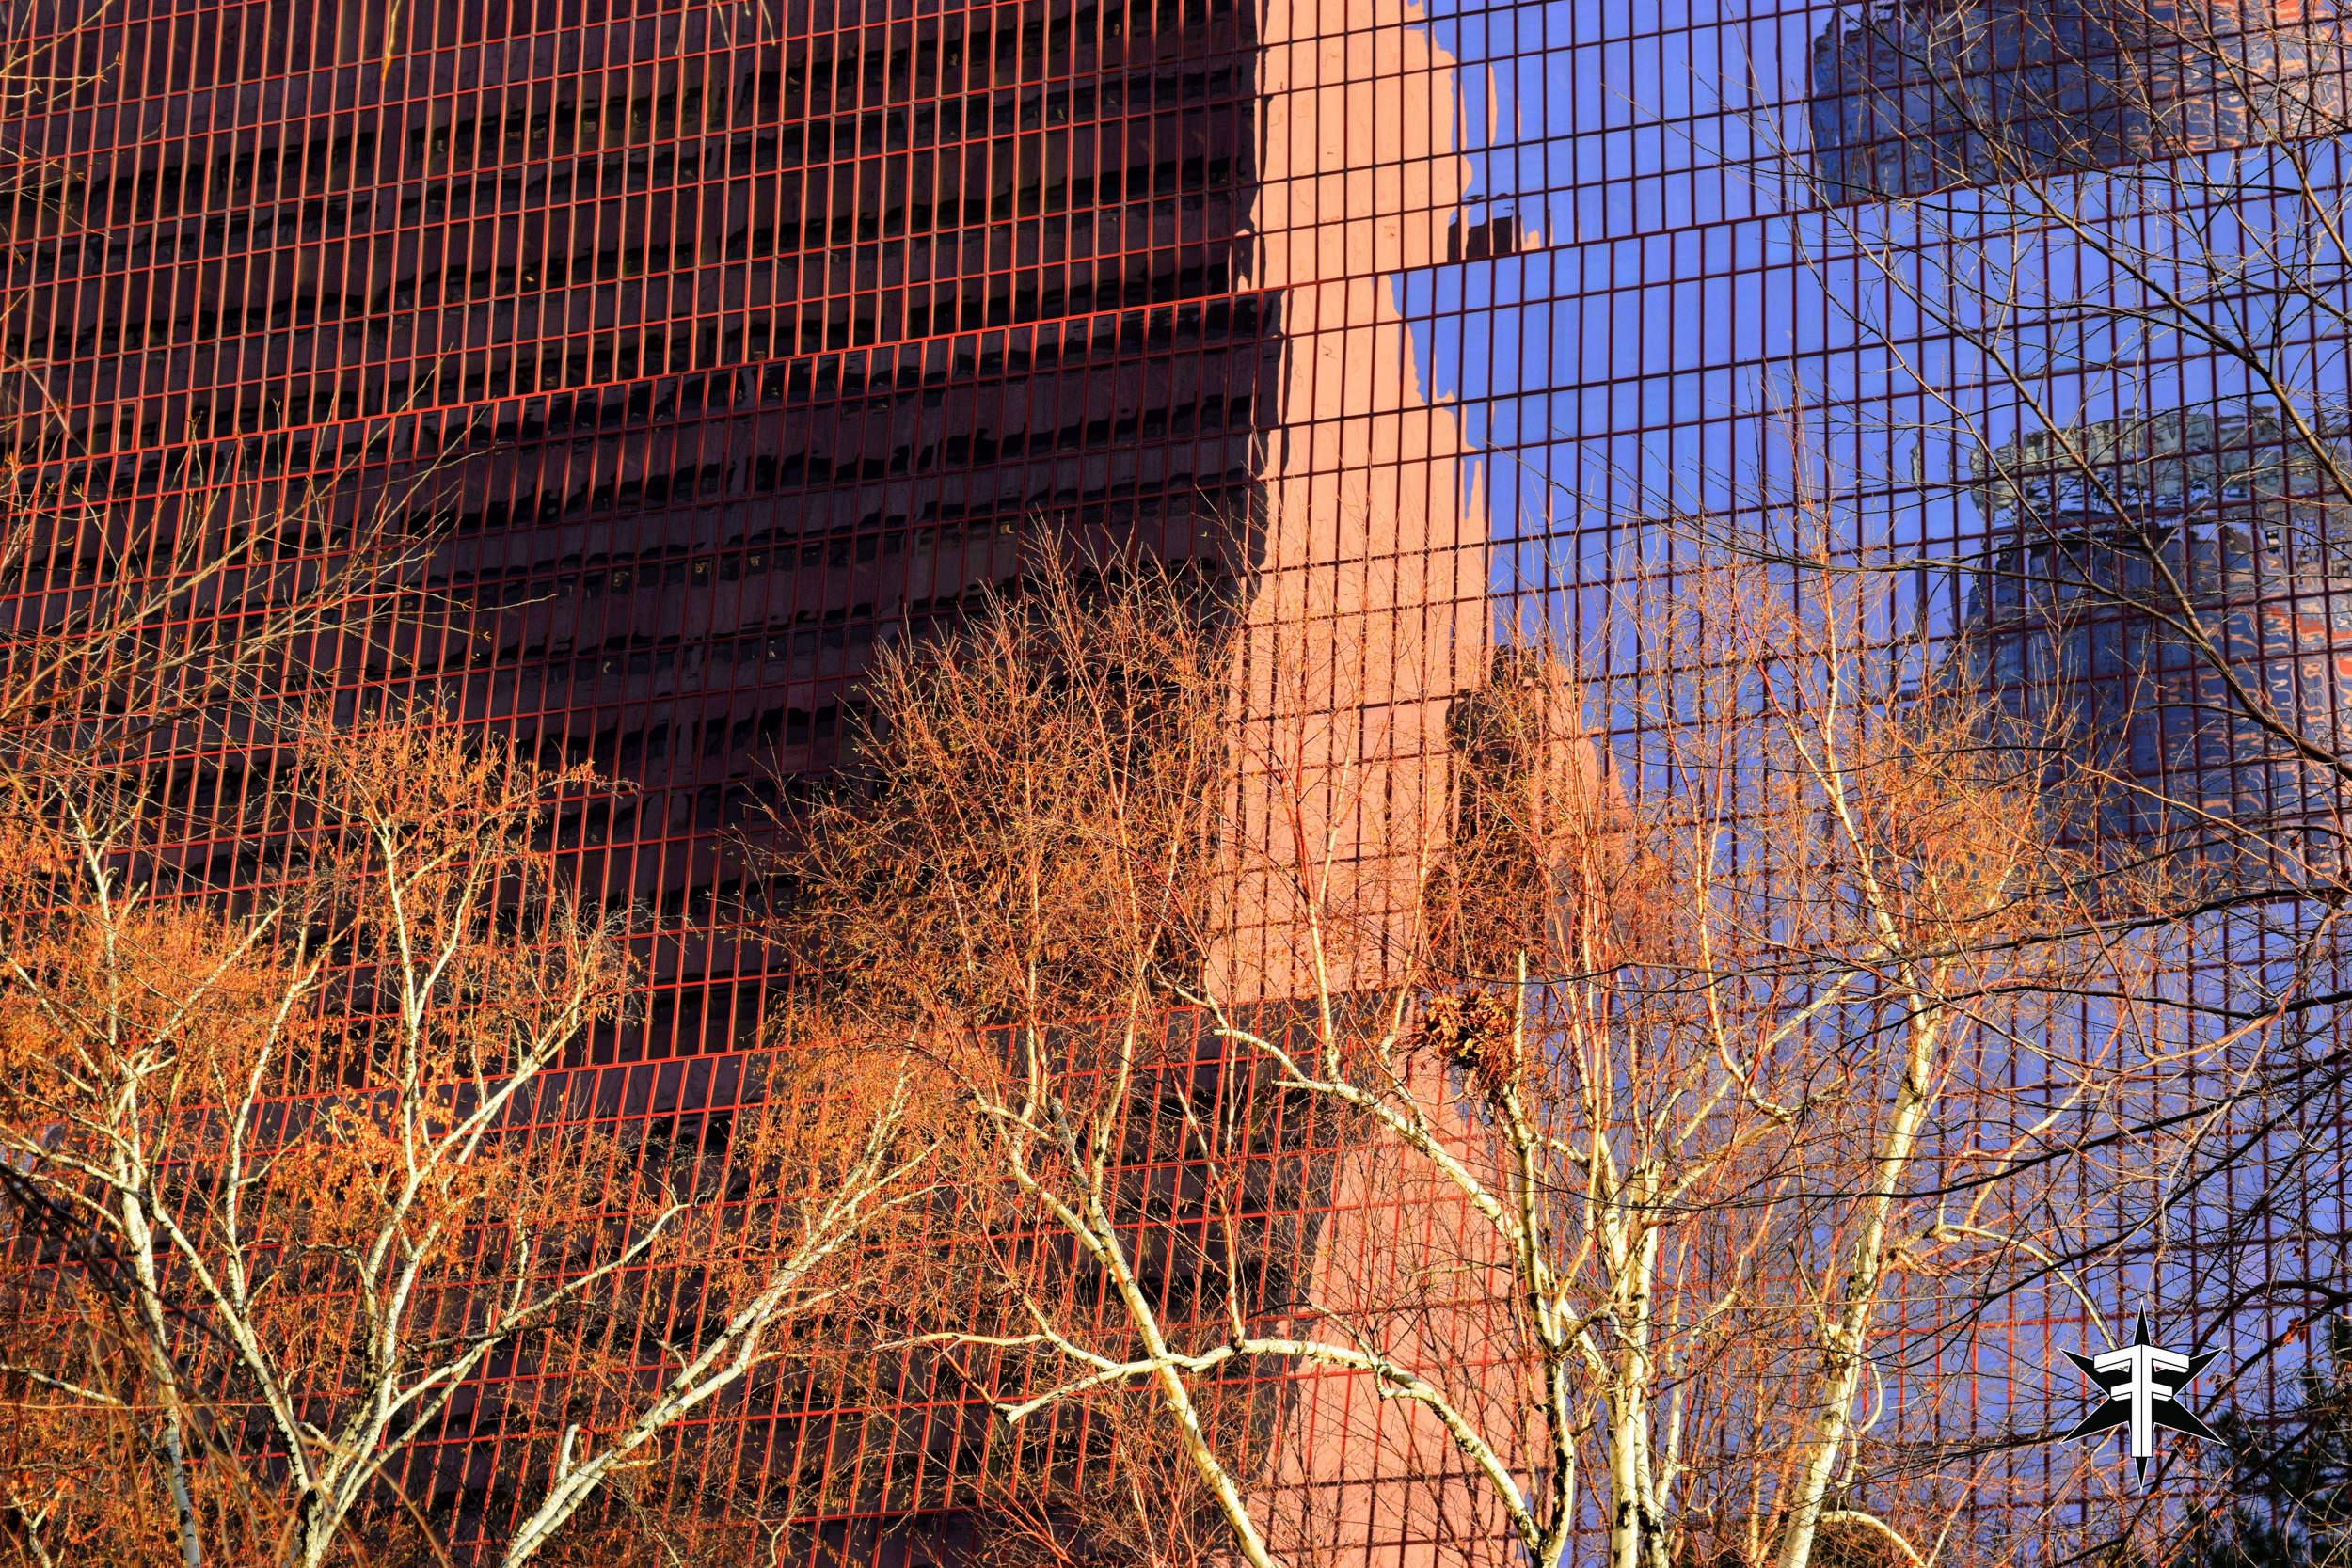 chicago architecture eric formato photography design arquitectura architettura buildings skyscraper skyscrapers-178.jpg